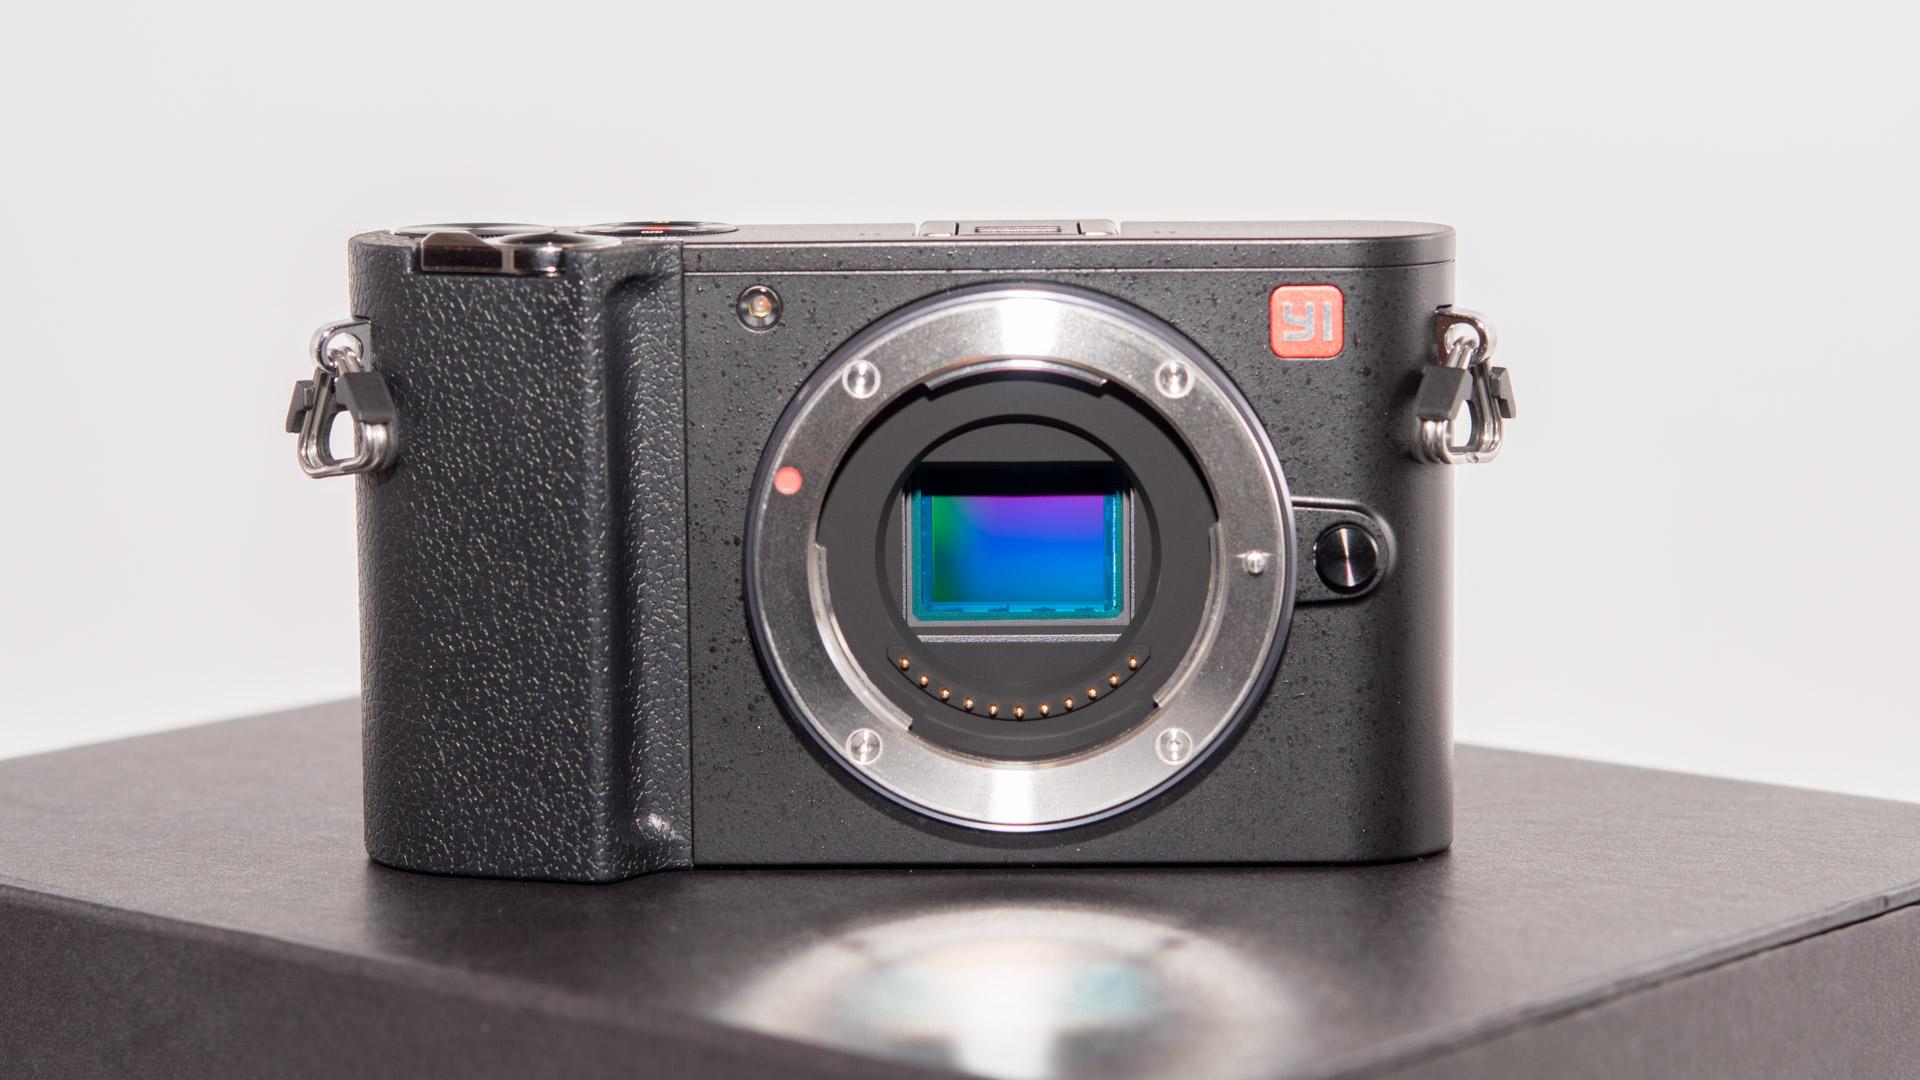 Das vermutlich Interessanteste ist allerdings welche Kamera auch auf sen IMX269 Sensor setzt nämlich Panasonic GX8